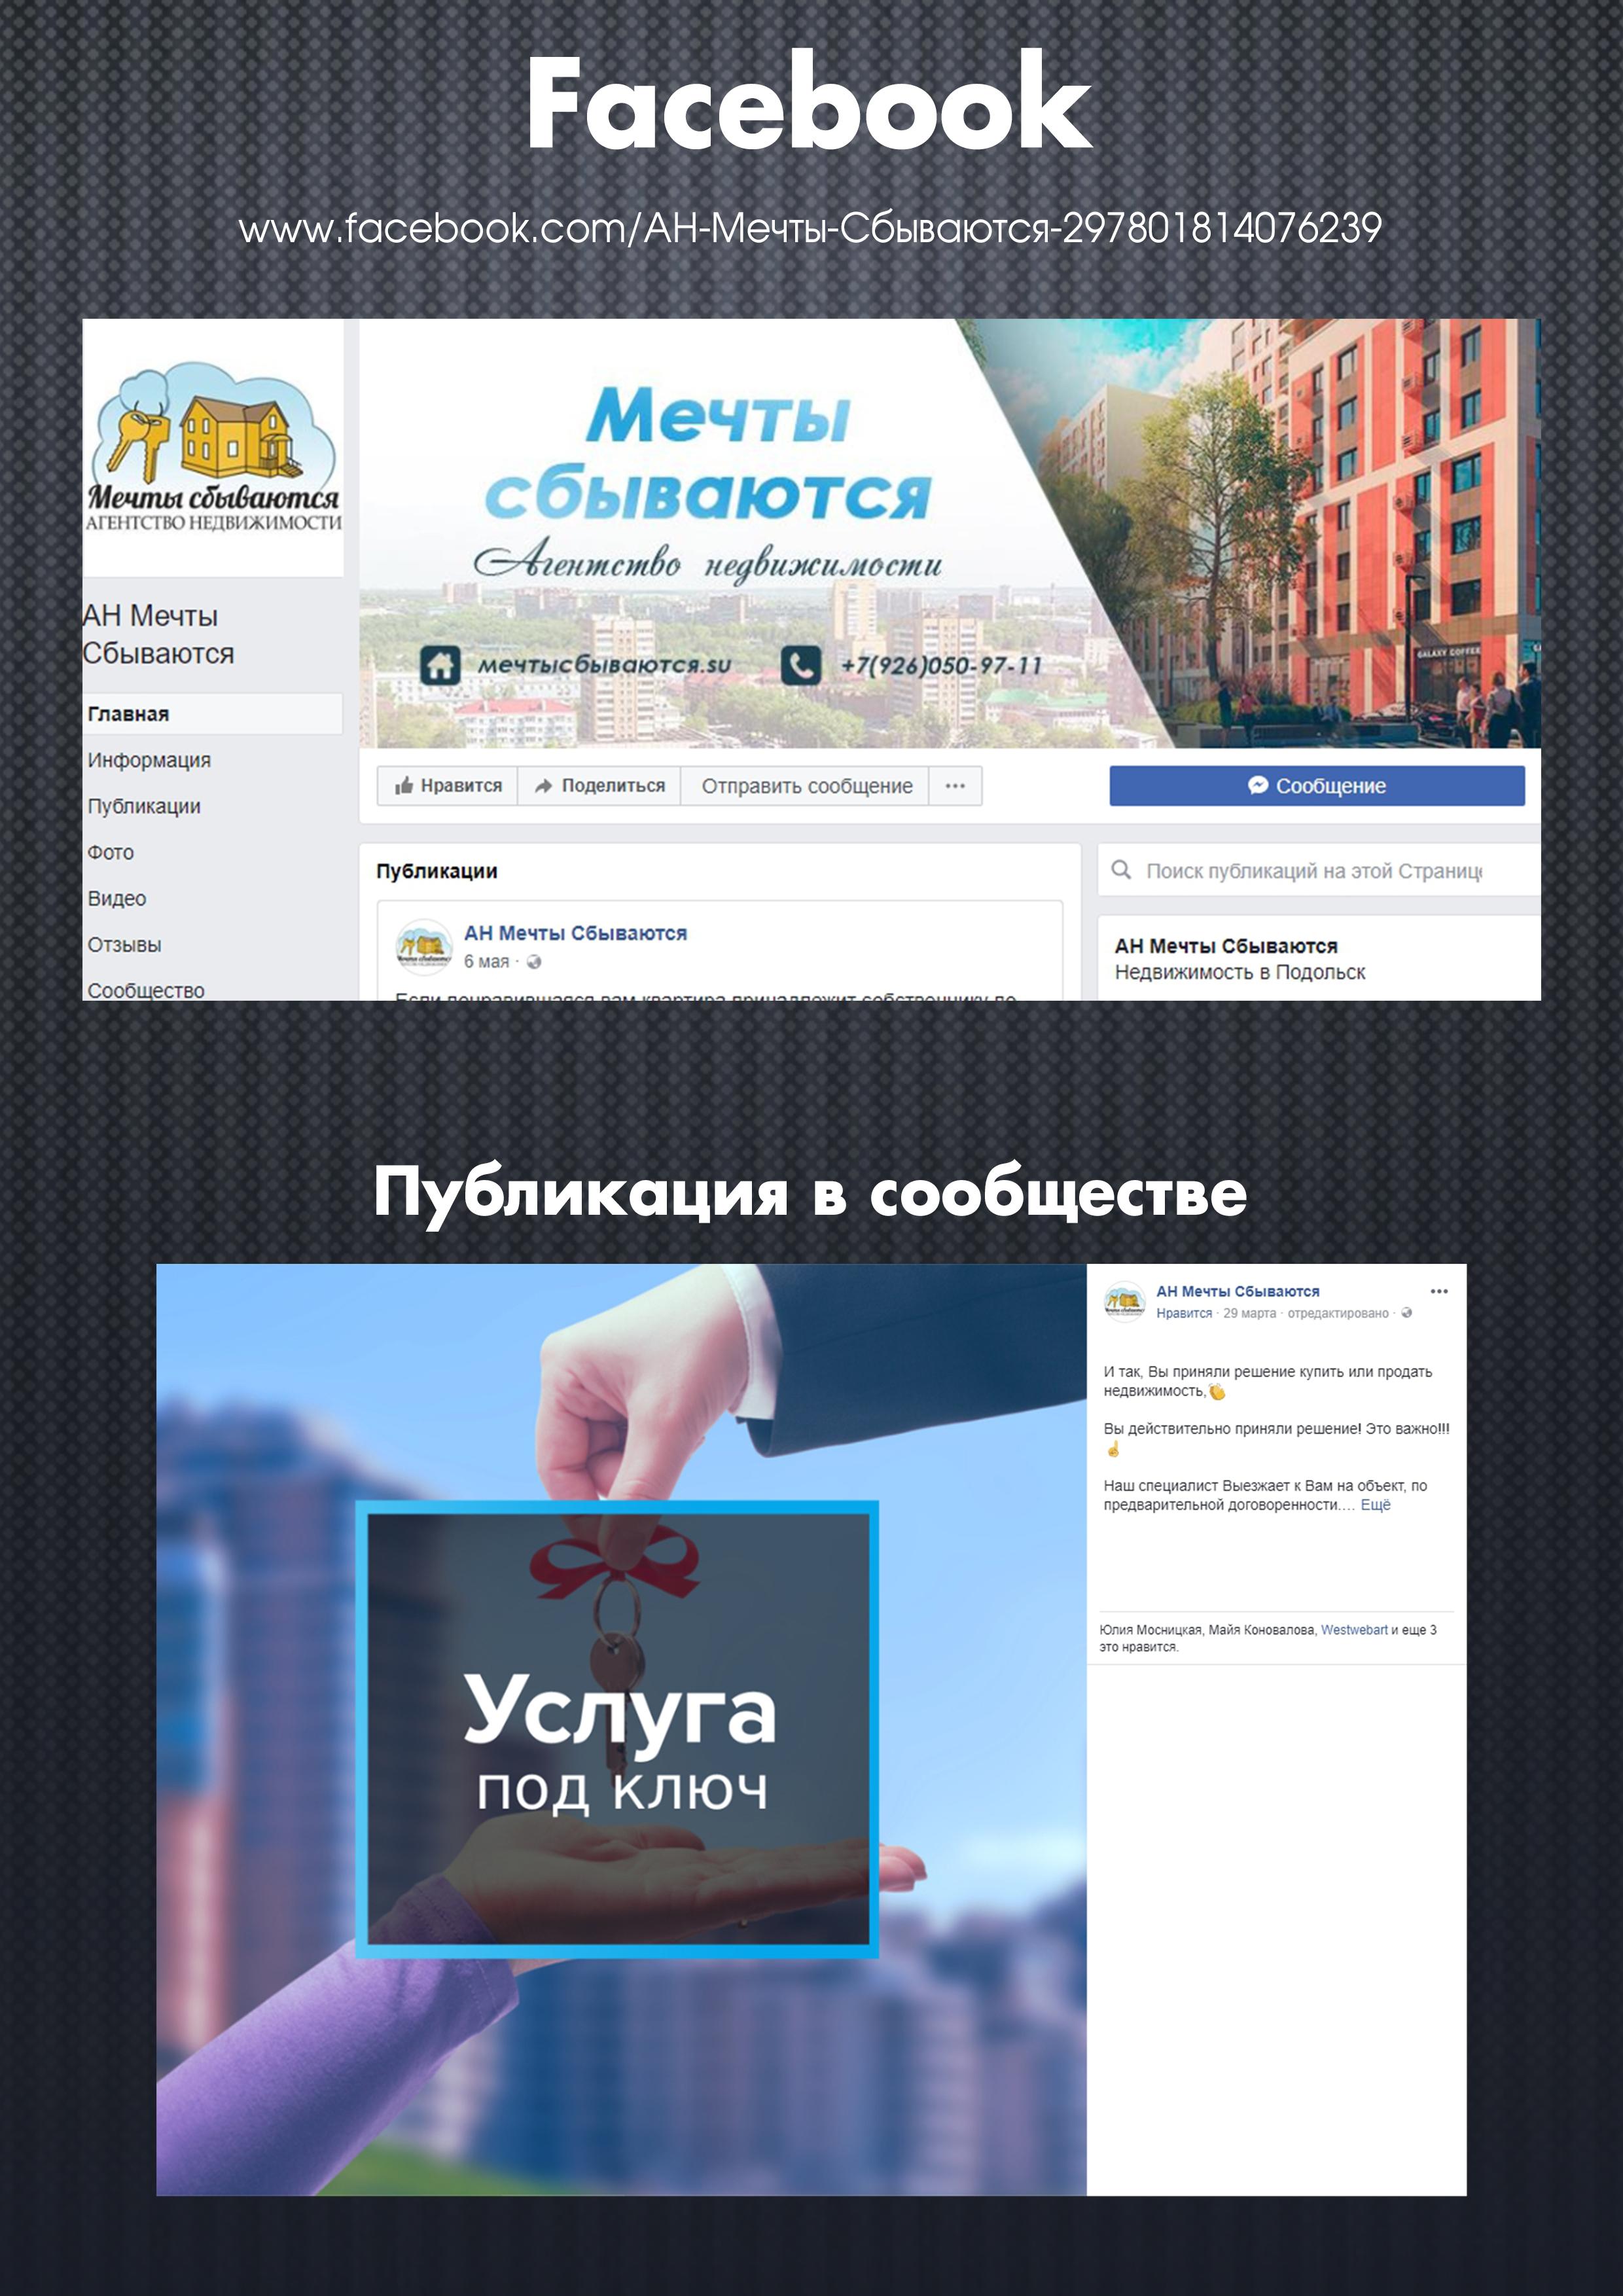 Агентство недвижимости / Facebook